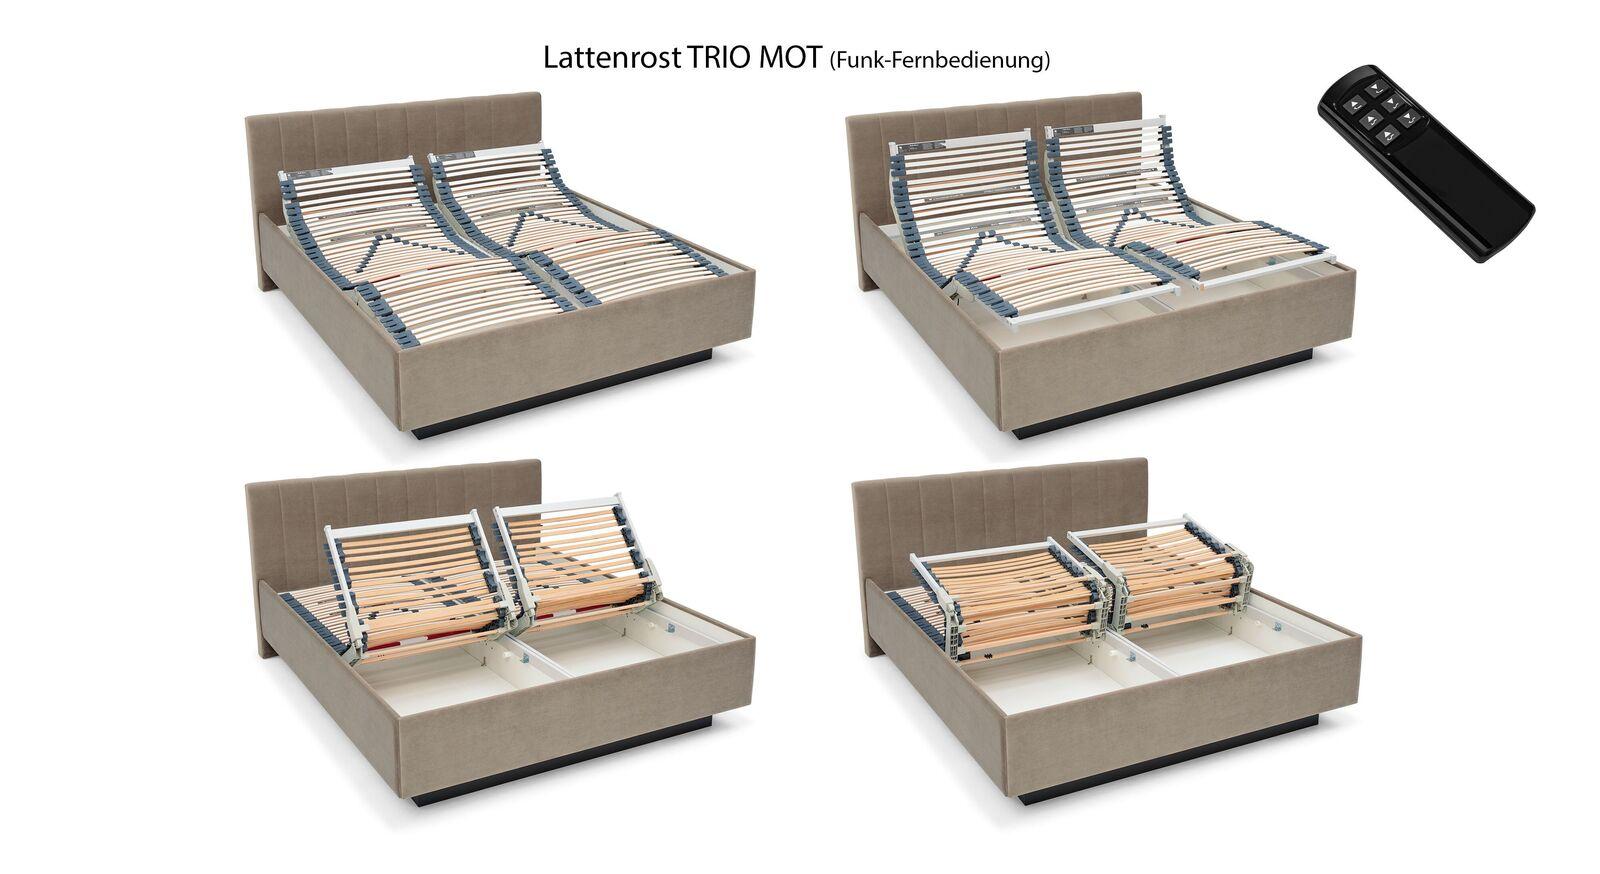 Elektrischer MUSTERRING Lattenrost TRIO MOT mit Funkfernbedienung